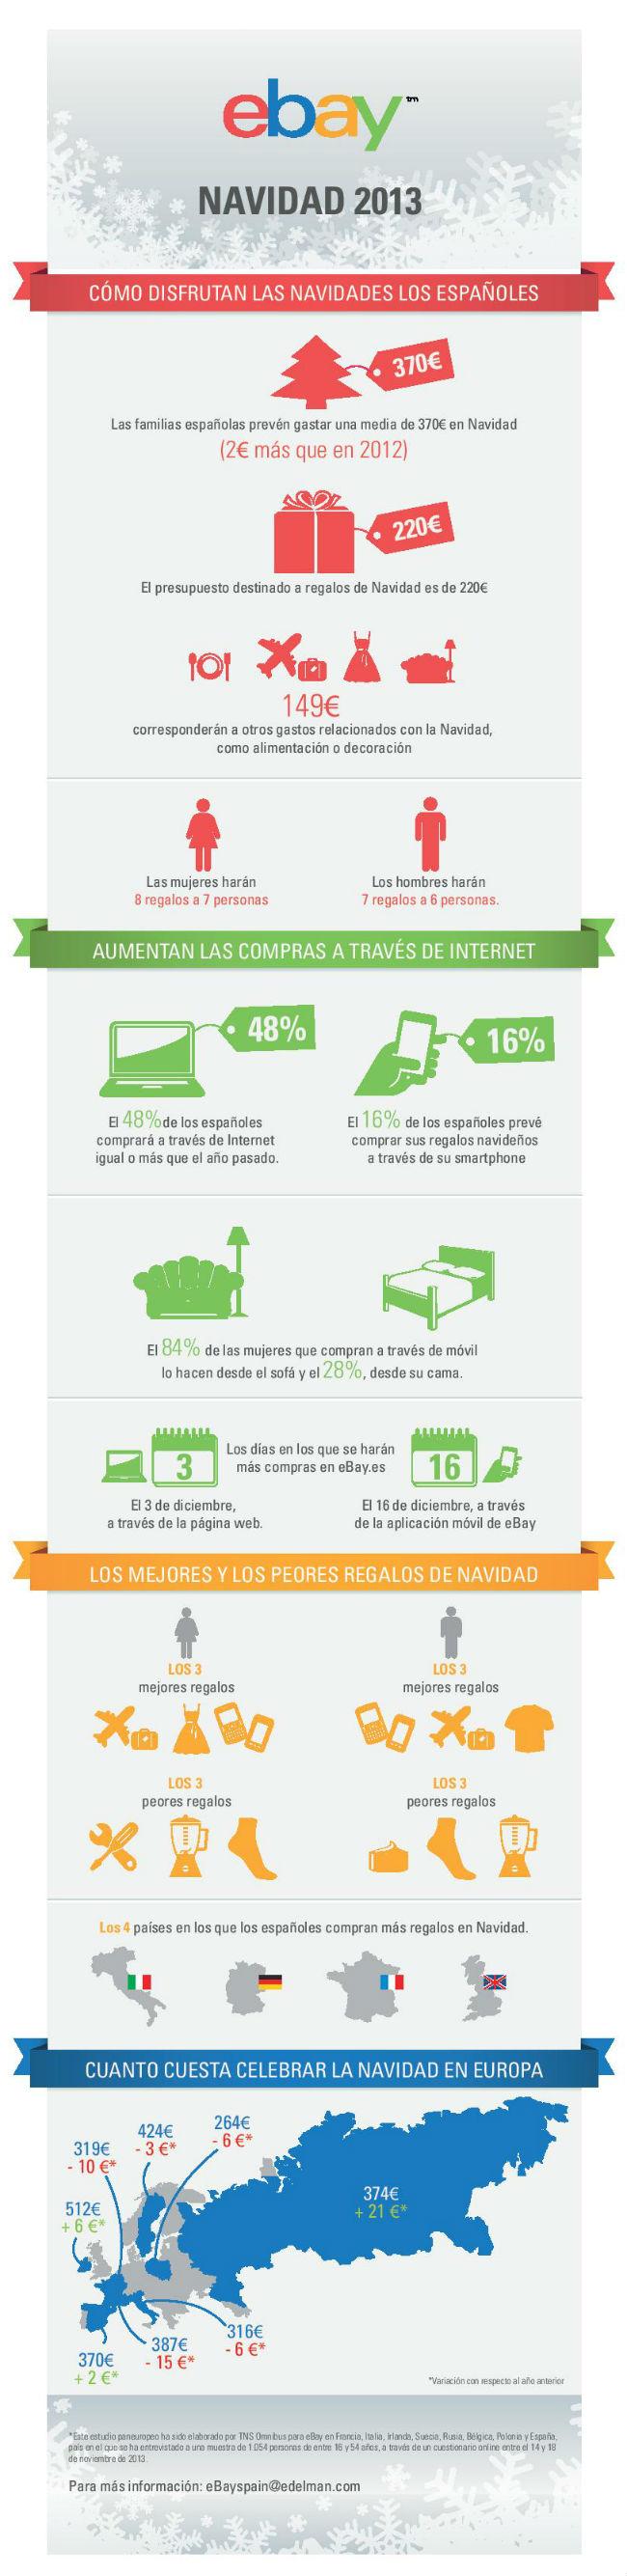 26dic_ebay infografía